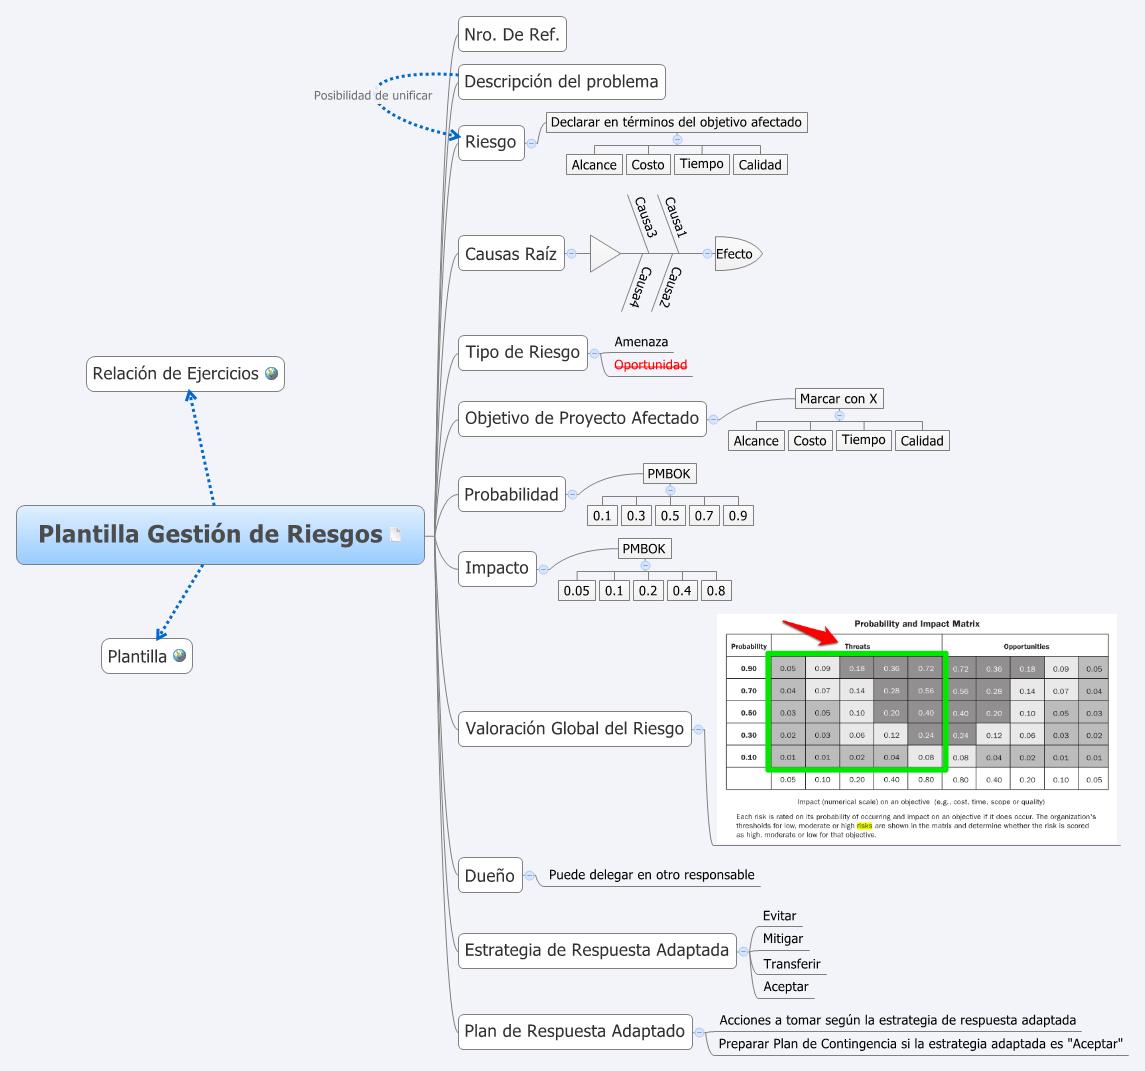 Plantilla Gestión de Riesgos -- XMind Online Library